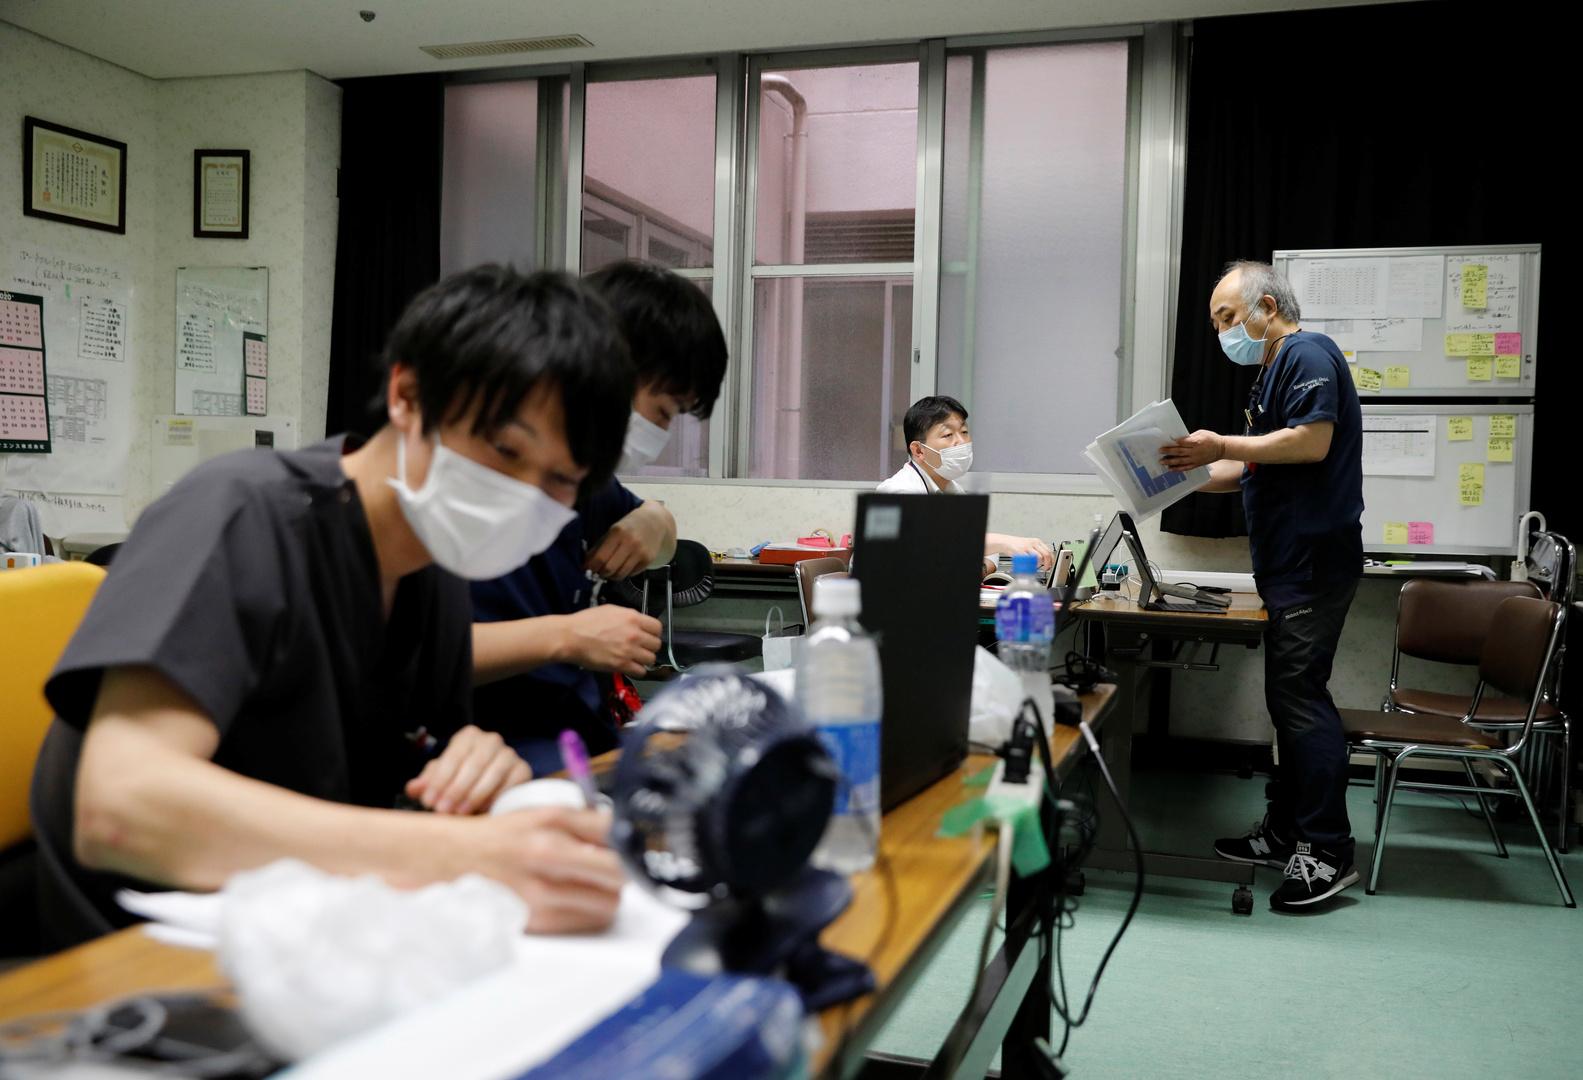 طاقم طبي في مستشفى سيبو في يوكوهاما، أرشيف